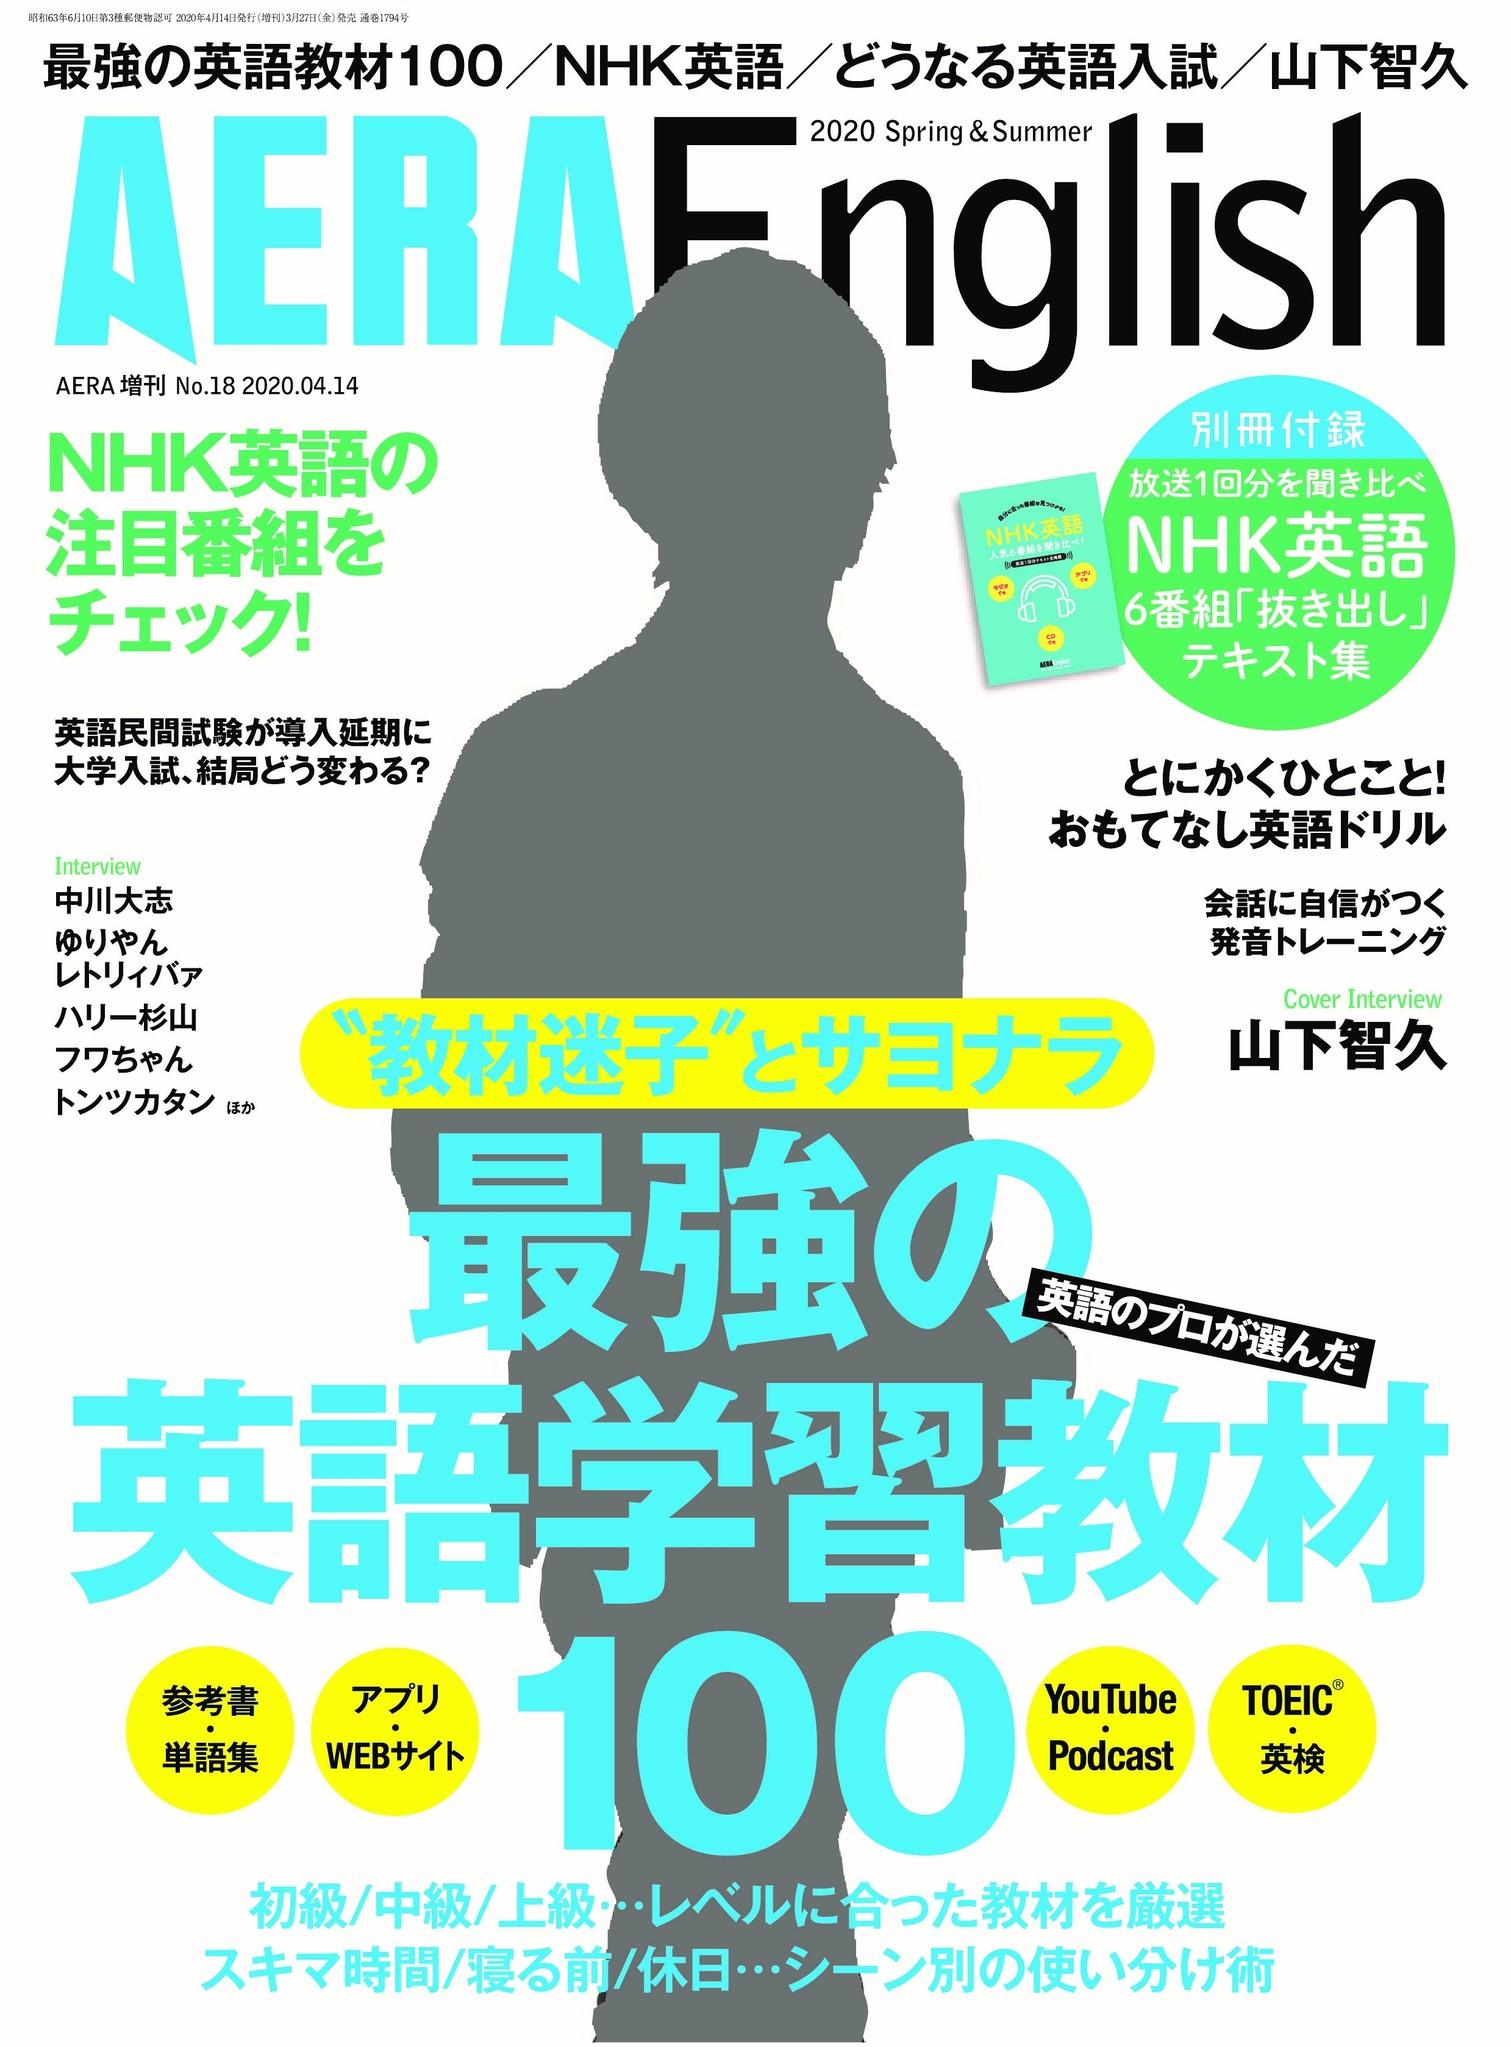 山下智久さんが明かした全編英語の海外ドラマ出演で感じた性格の変化とは? 「AERA English 2020 Spring & Summer」3 ...